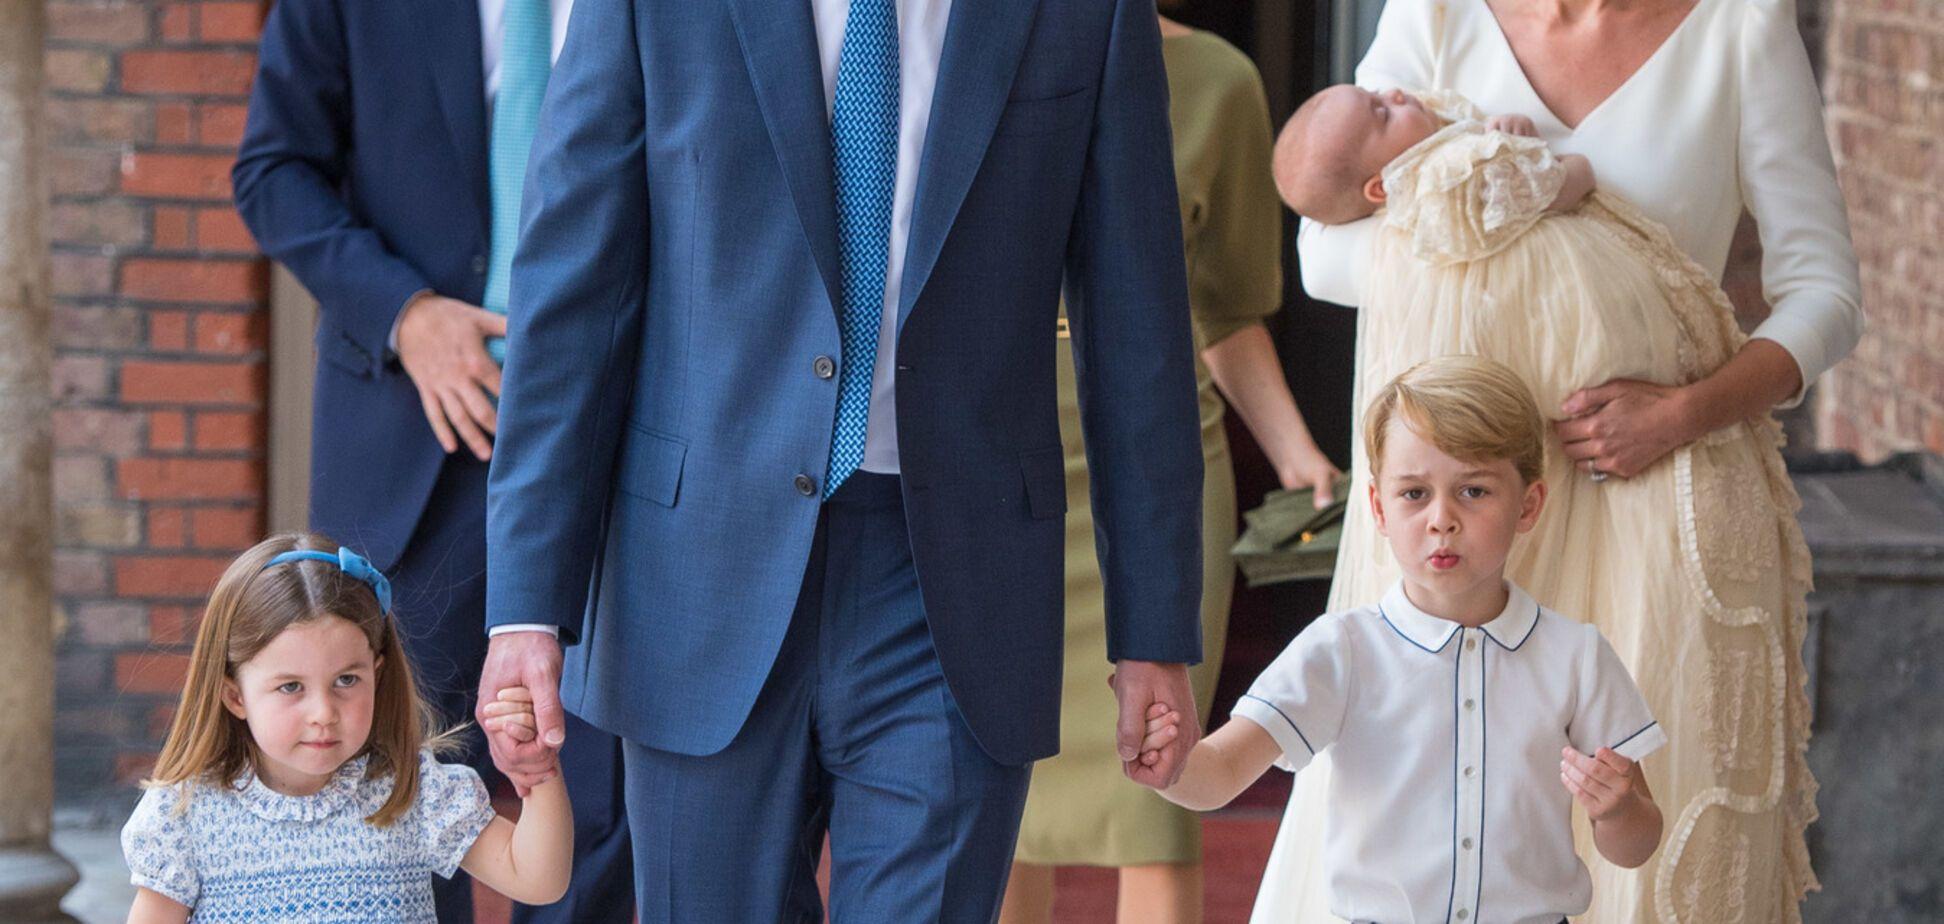 Принц Джордж и принцесса Шарлотта вызвали у британской публики восторг